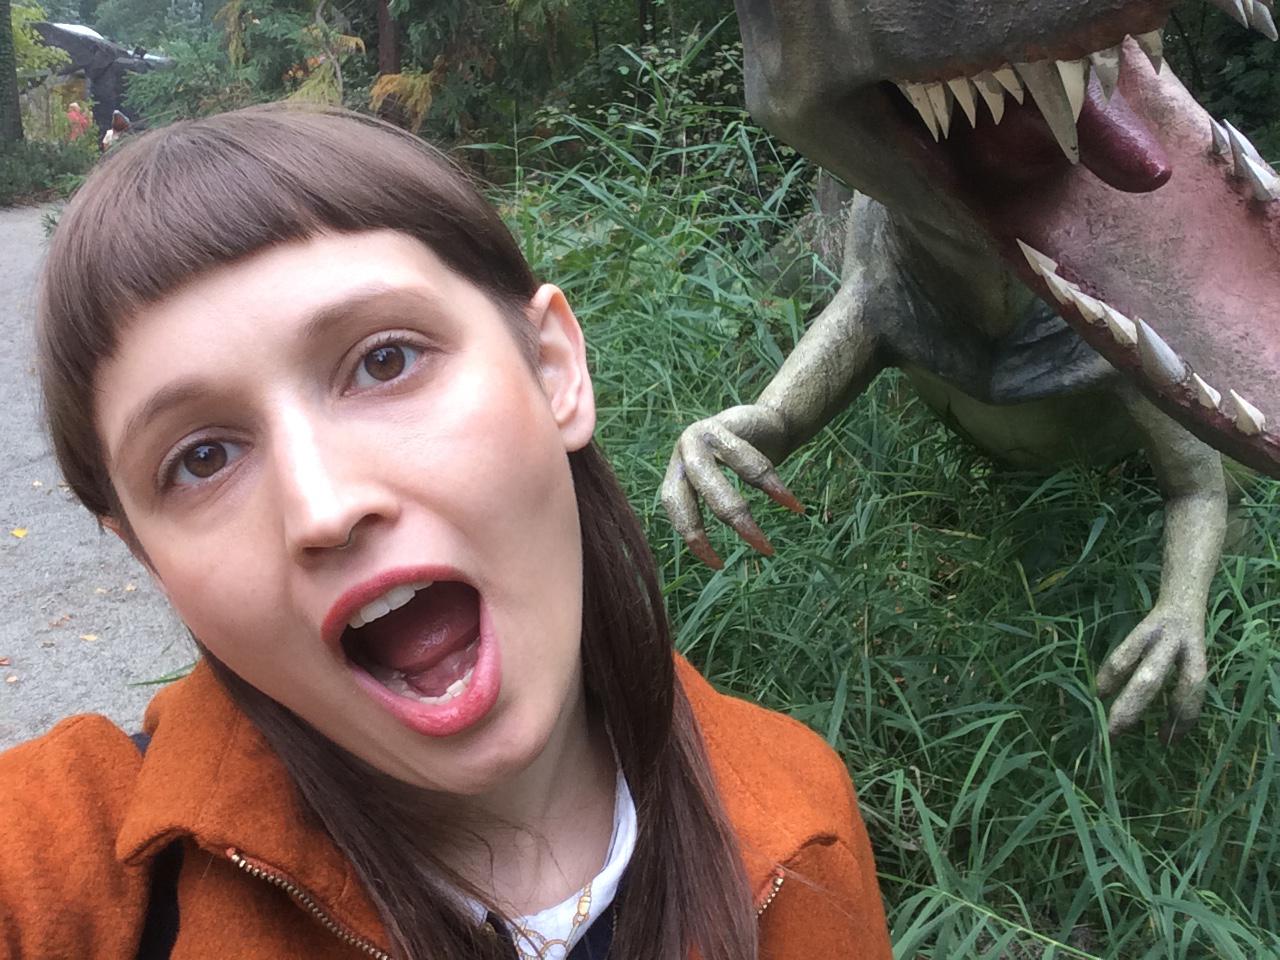 Selfie_Dino_Girl_Natalie_sdsucht